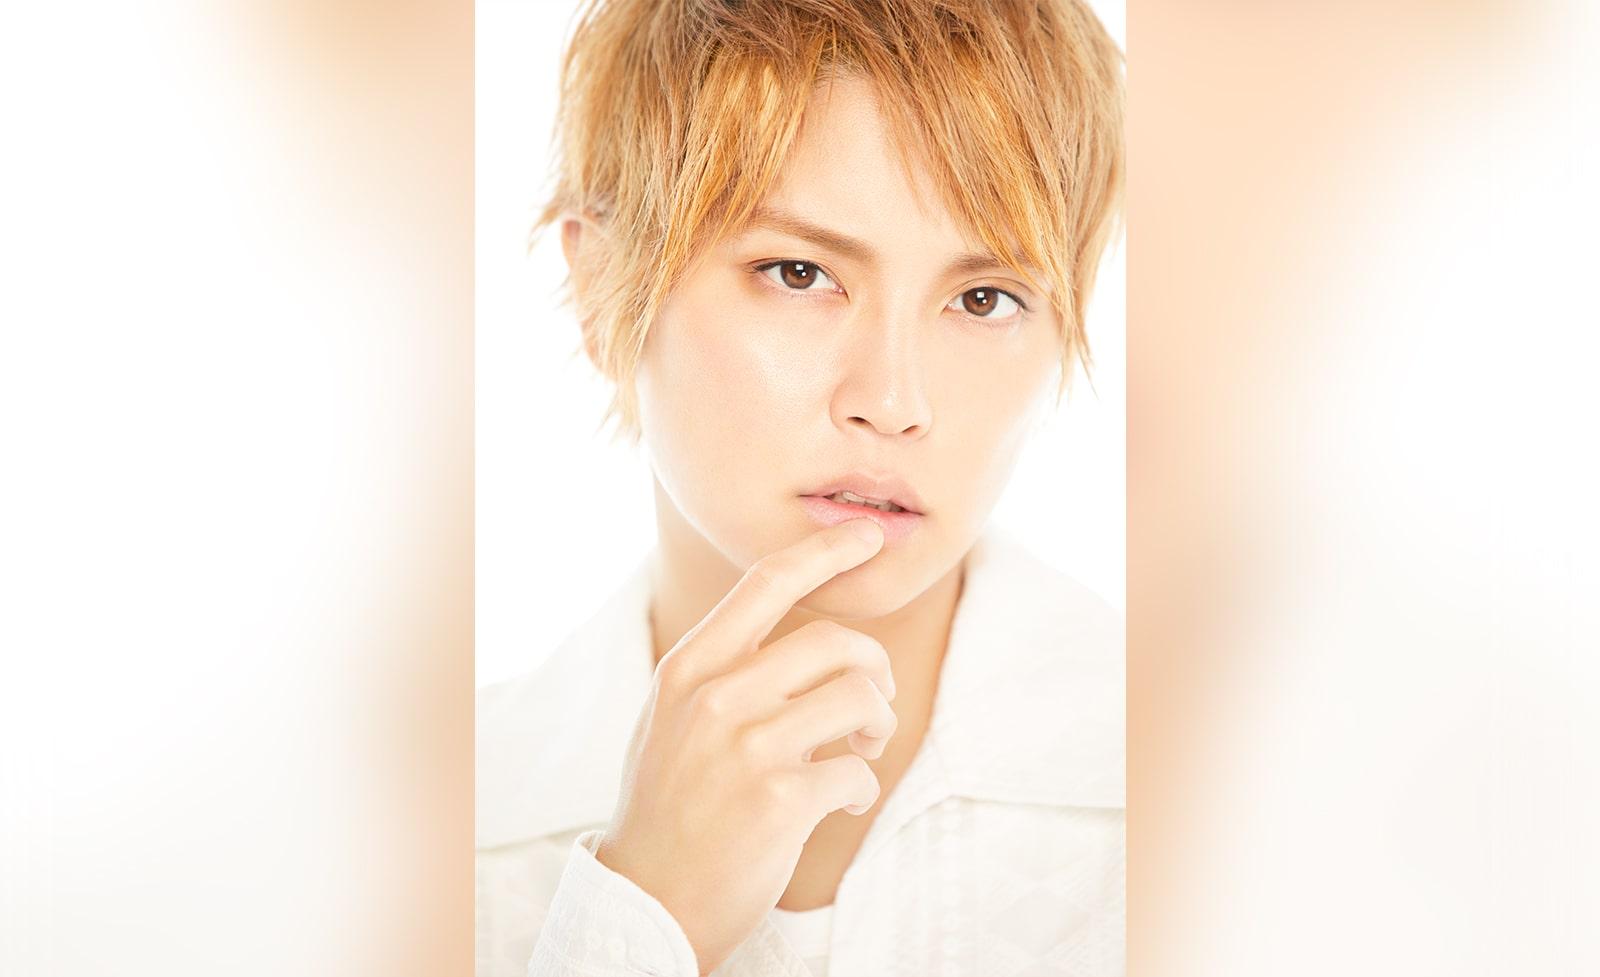 手越祐也月額制オフィシャルファンサイト『Yuya Tegoshi Official Fansite 「HONEYYY」』オープン!